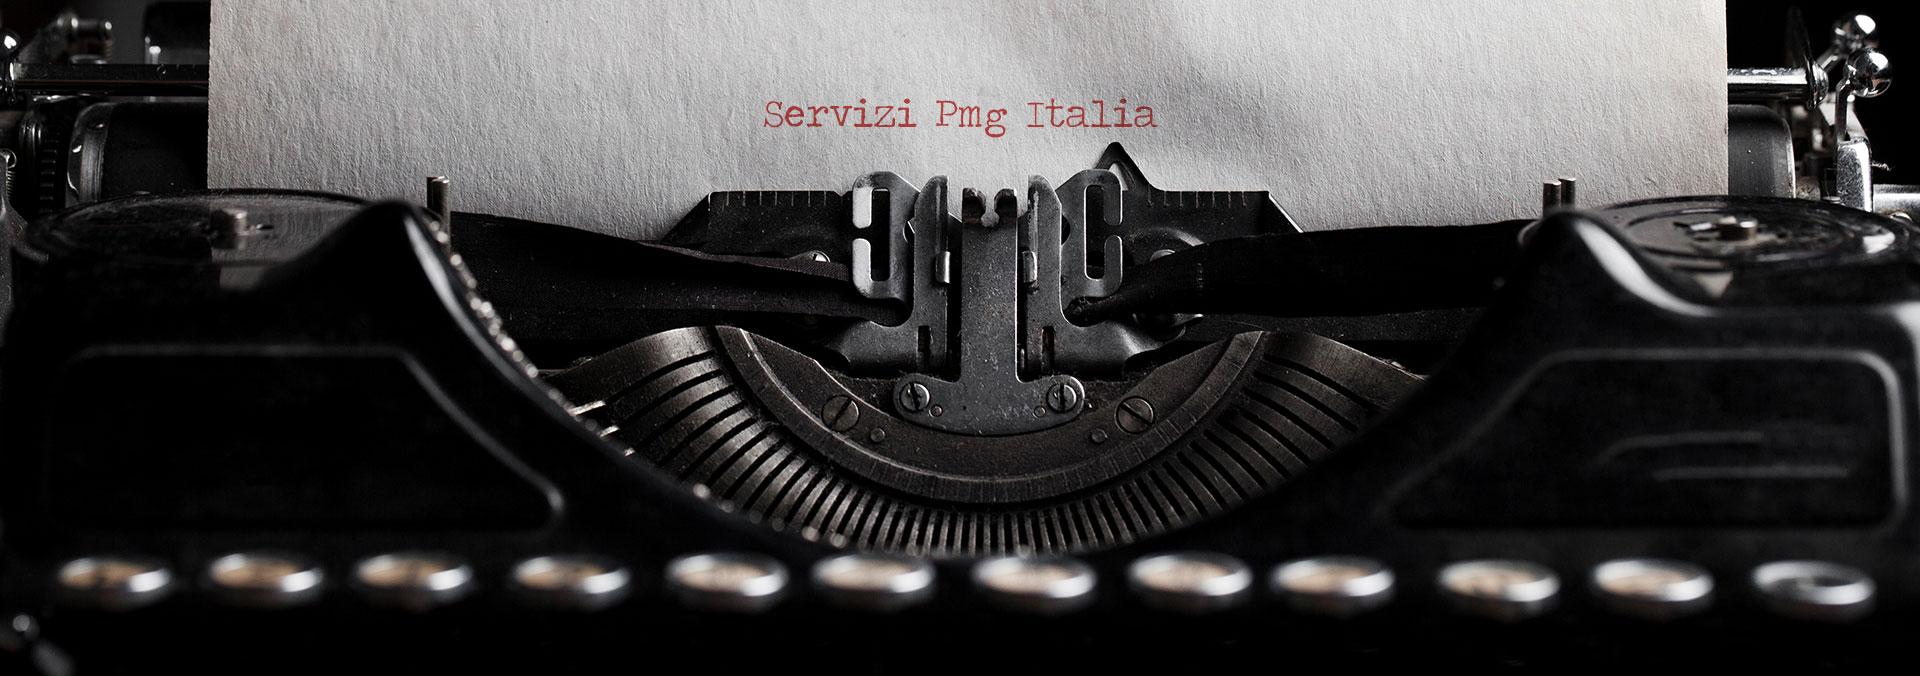 servizi